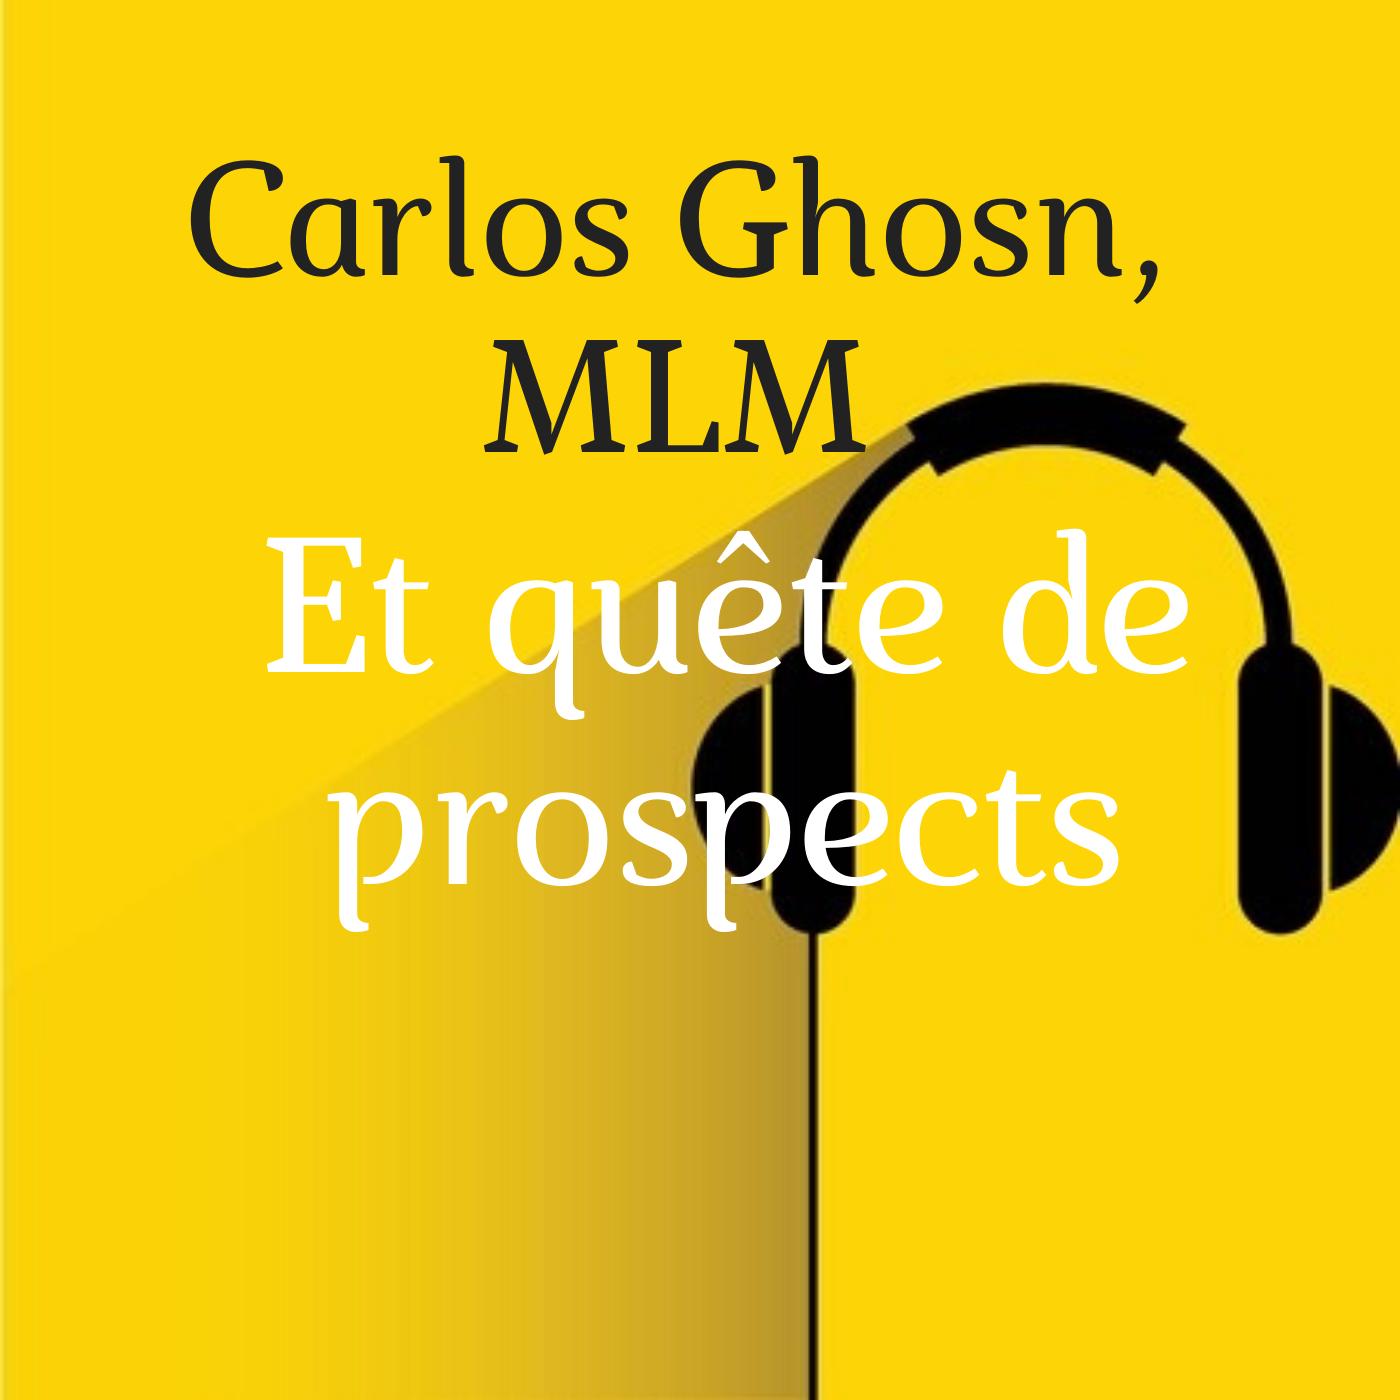 Carlos Ghosn, MLM et quête de prospects